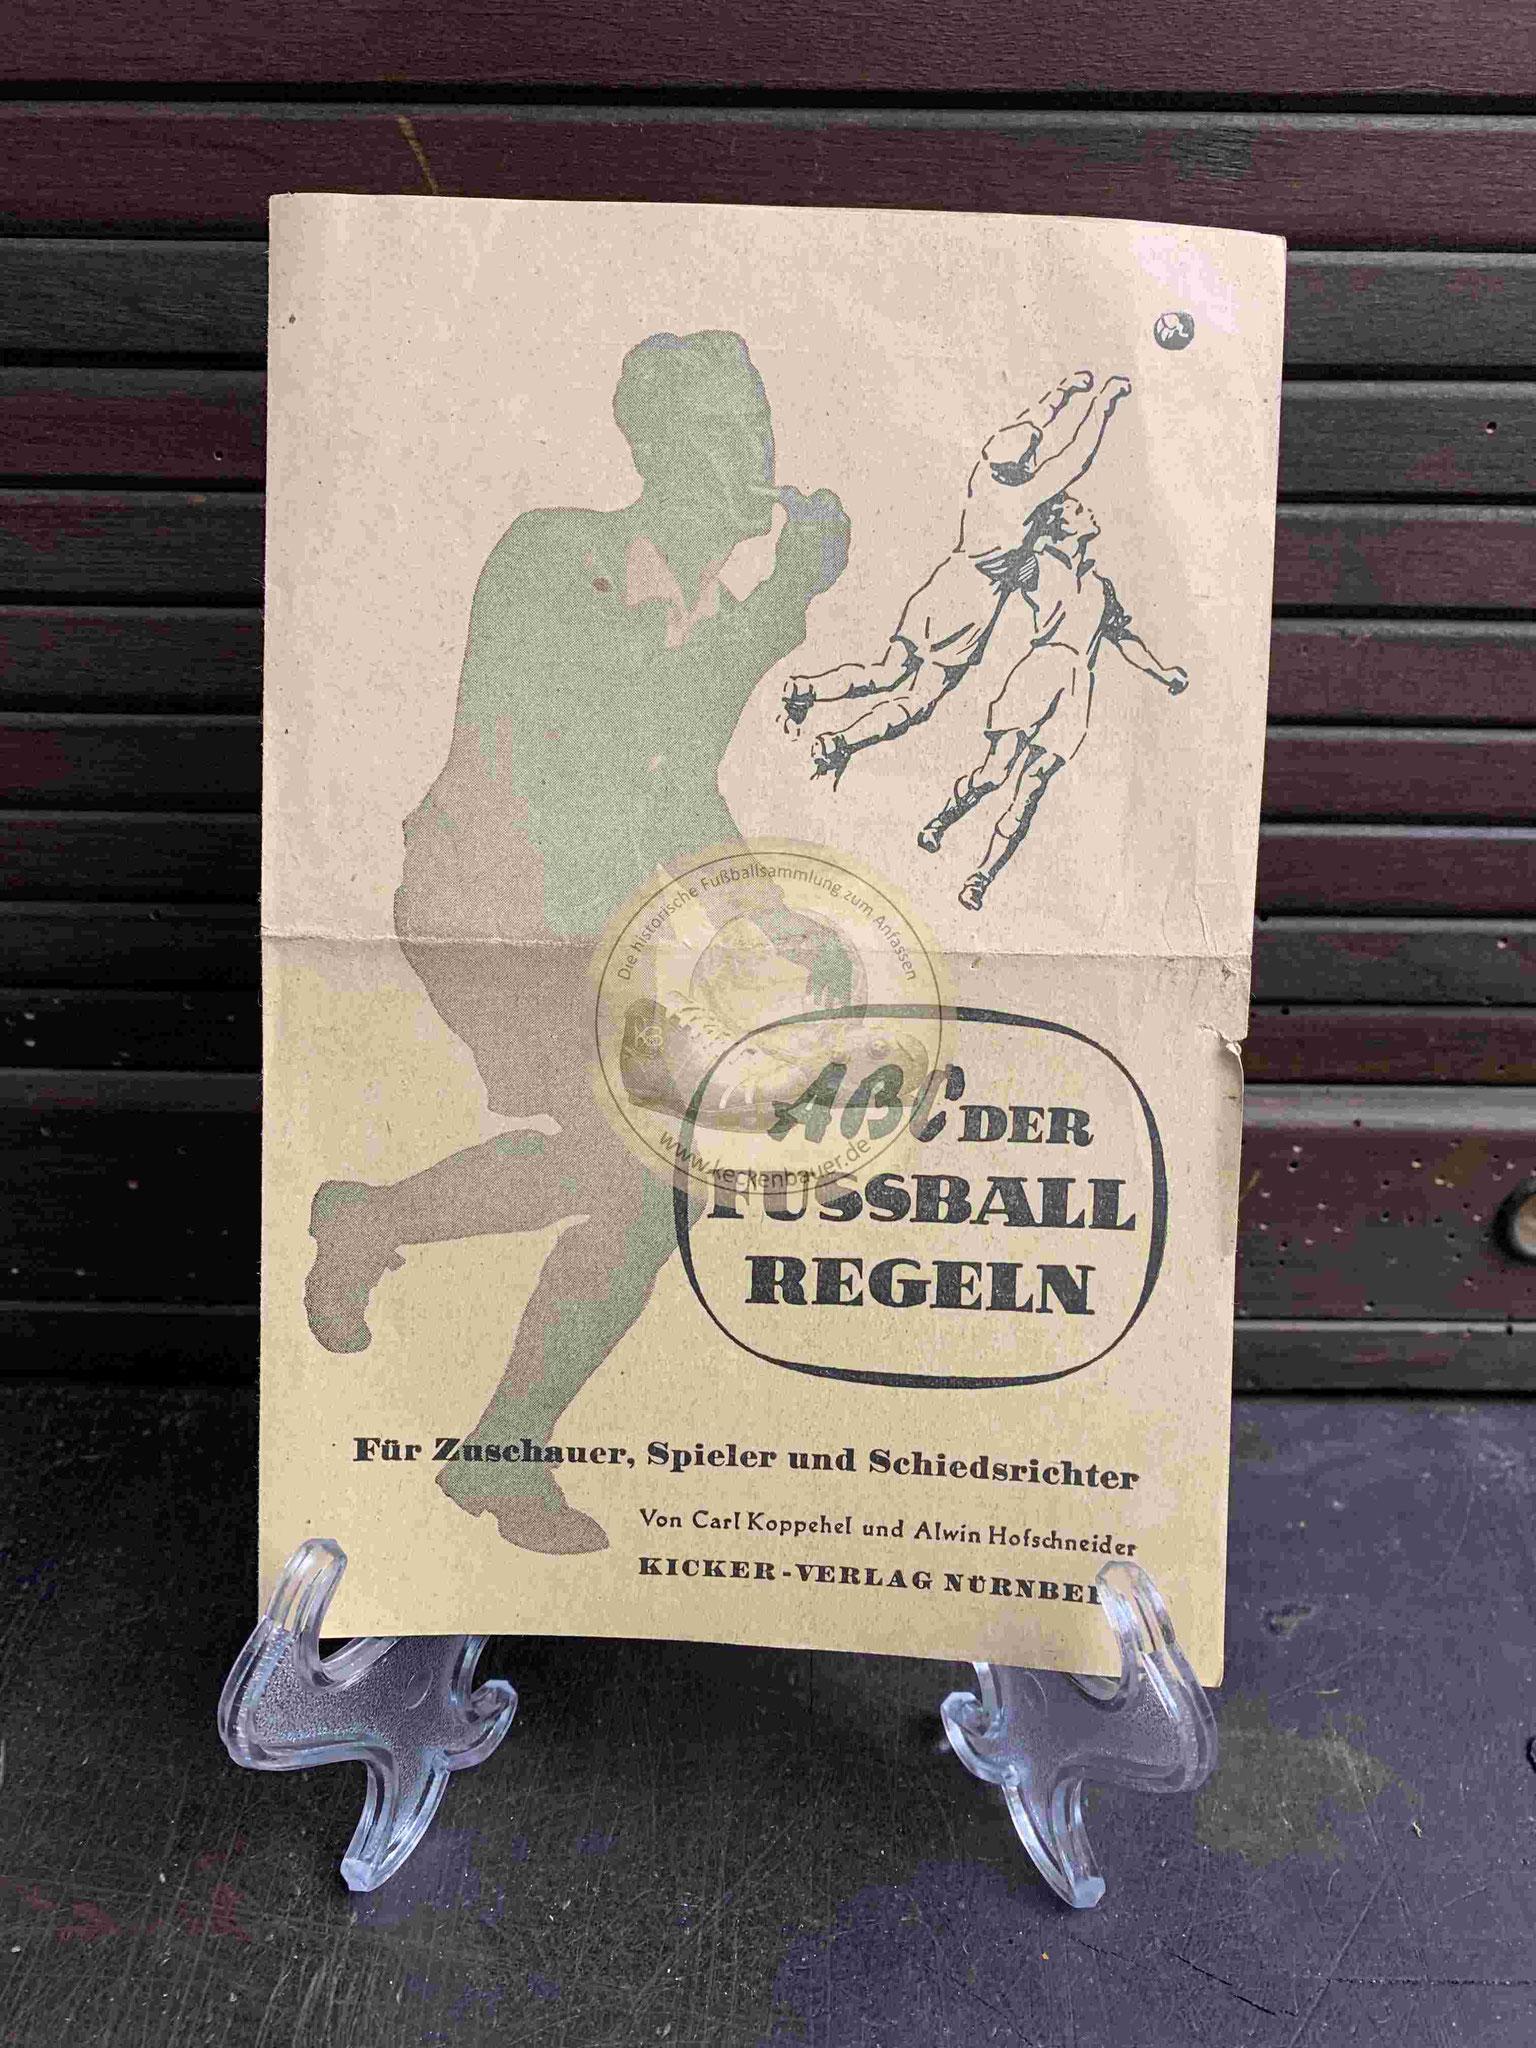 ABC der Fussball Regeln vom Kicker Verlag aus dem Jahr 1940